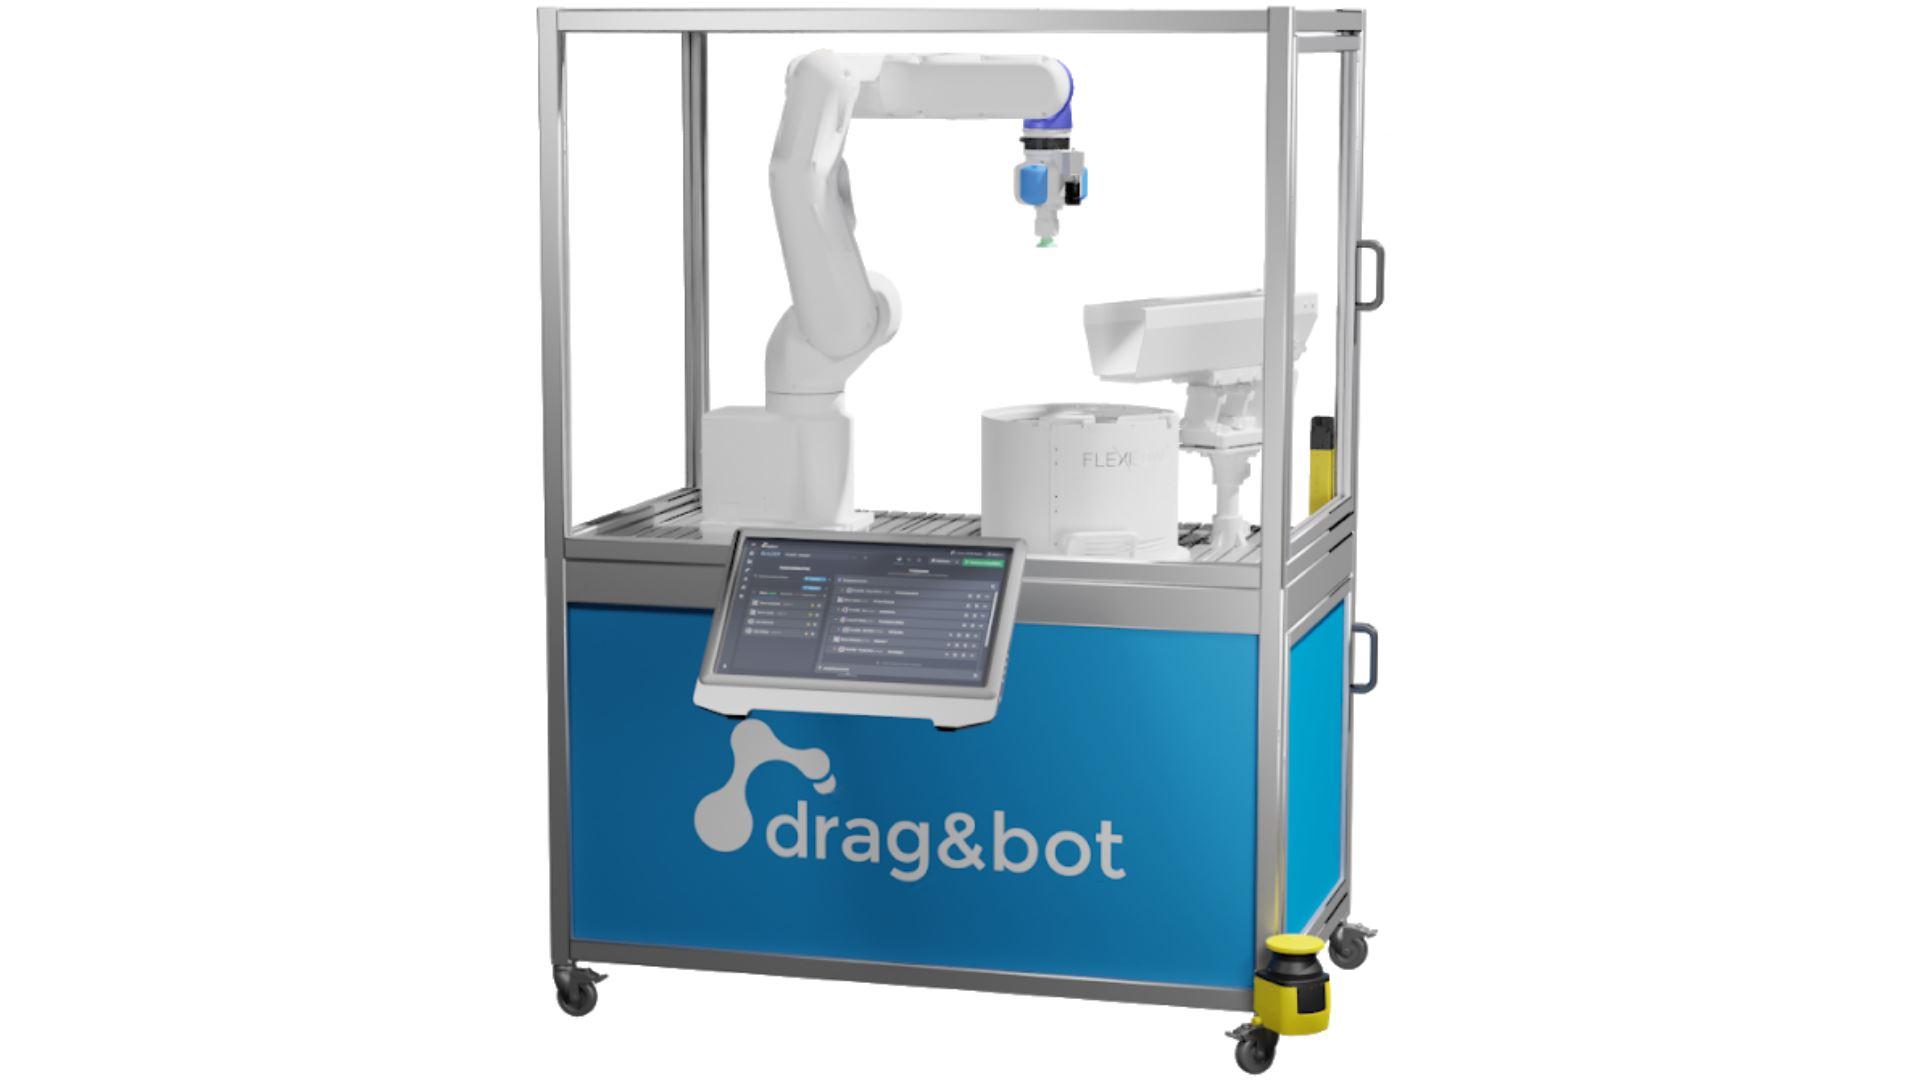 Der einfache Einstieg in die flexible Automatisierung mit dem drag&bot Robot-Kit